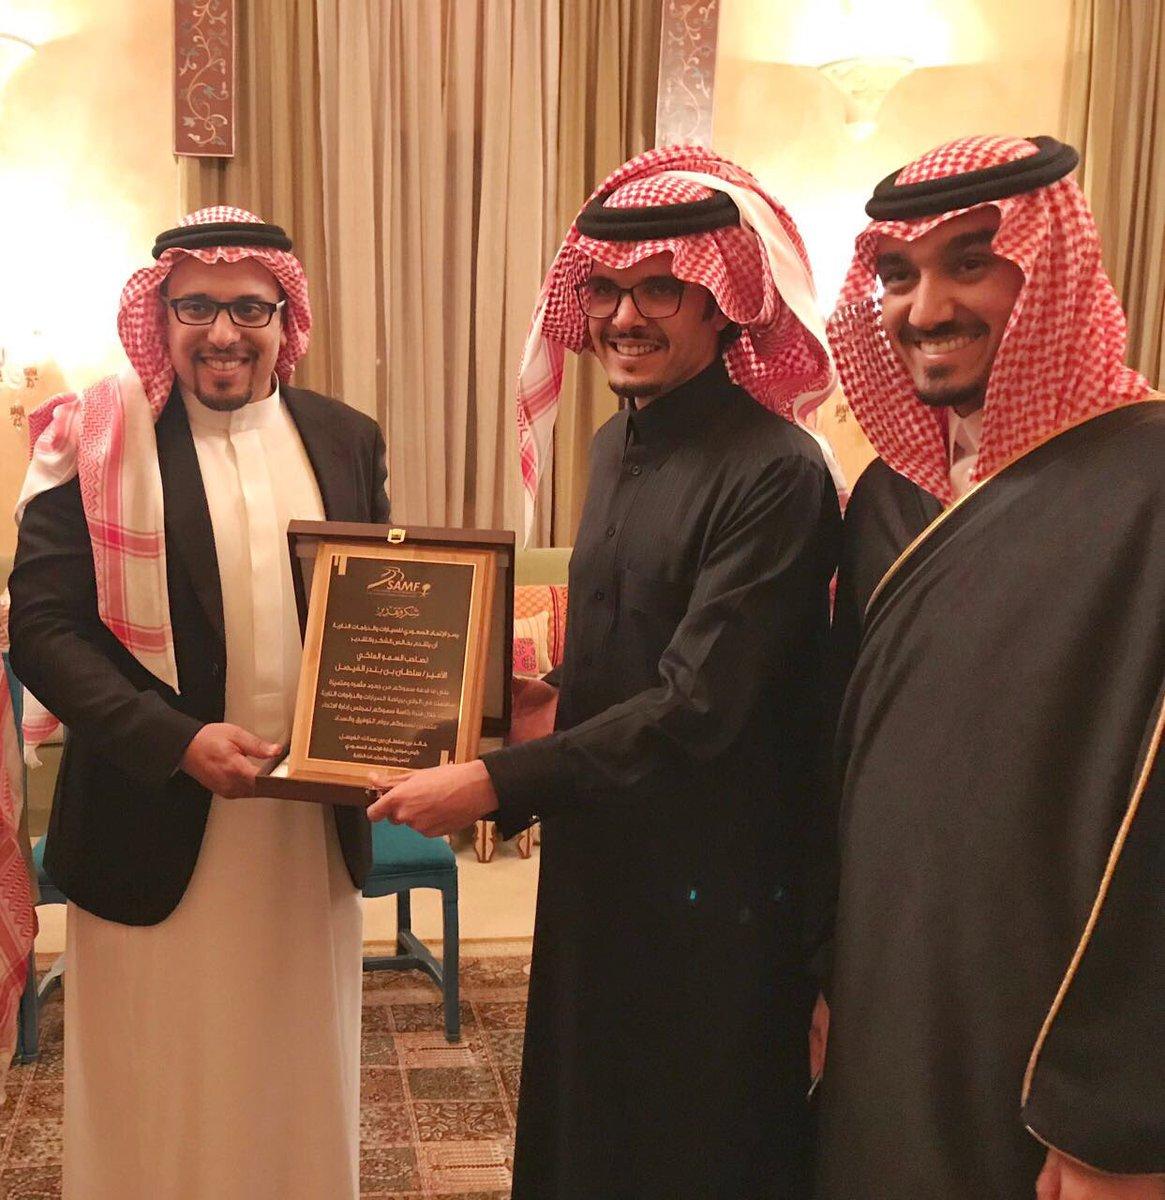 خالد بن سلطان العبدالله الفيصل On Twitter تشرفت ليلة البارحة بإقامة مأدبة عشاء على شرف أخي الأمير سلطان بن بندر الفيصل الرئيس السابق للإتحاد السعودي للسيارات والدراجات النارية وذلك تكريما لجهوده السابقة